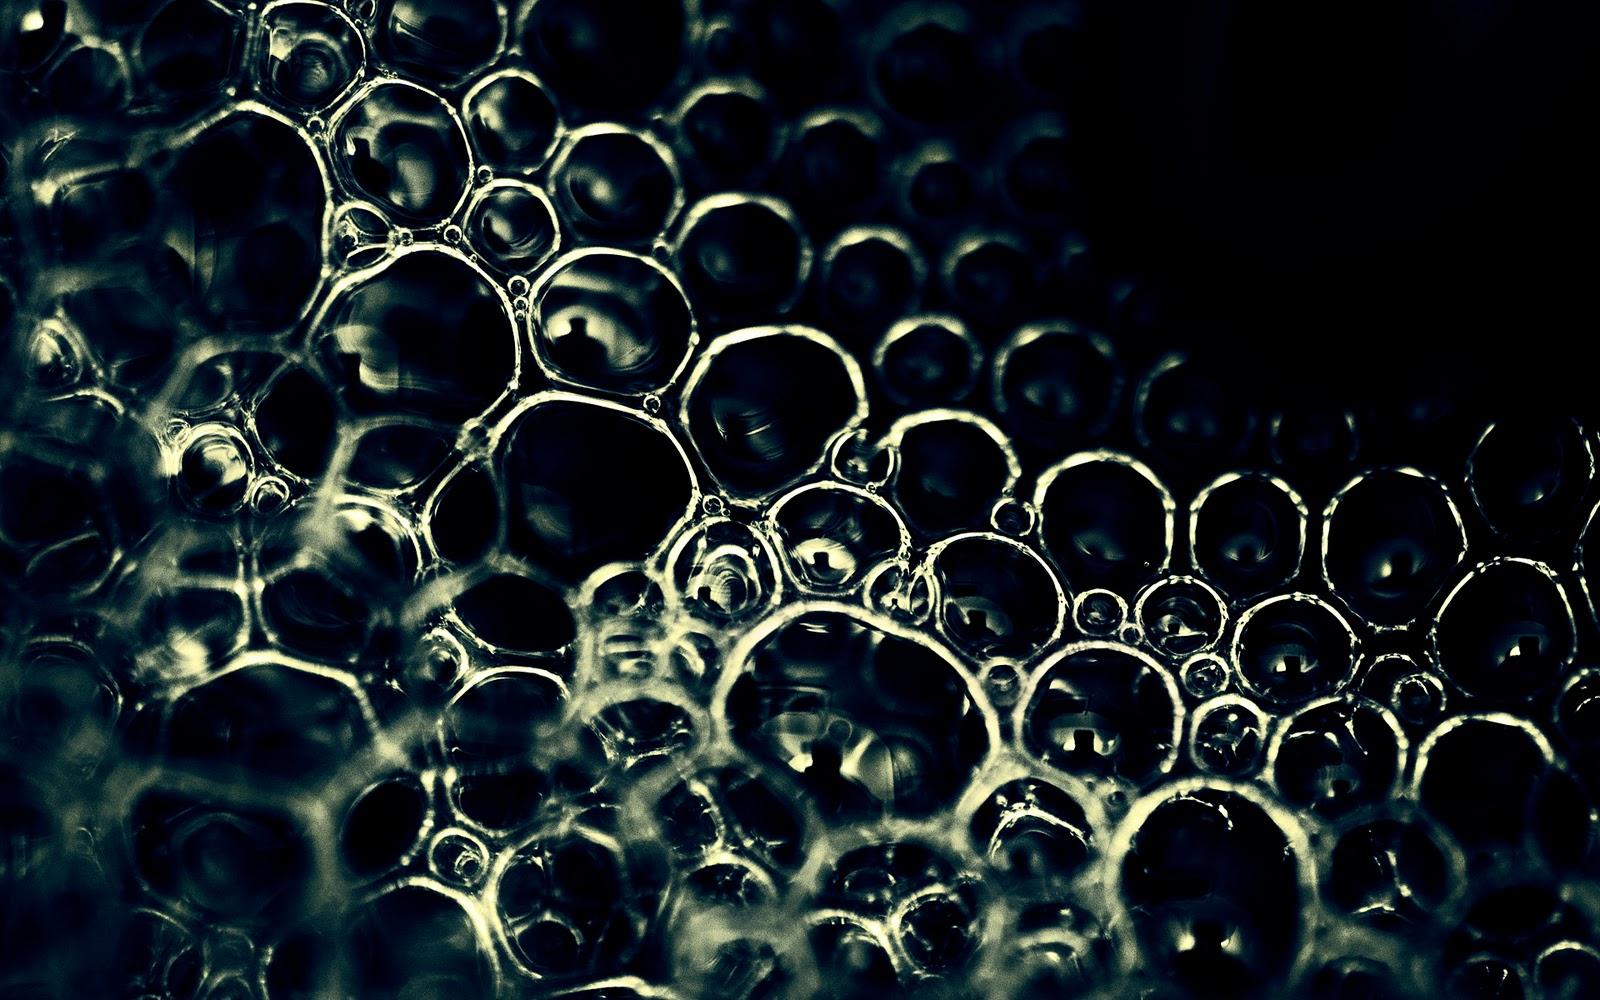 http://2.bp.blogspot.com/-sZuCXpv8gvM/TsZI33-CFeI/AAAAAAAAJVk/KPj_jv-t940/s1600/dimensions1920x1200.jpg